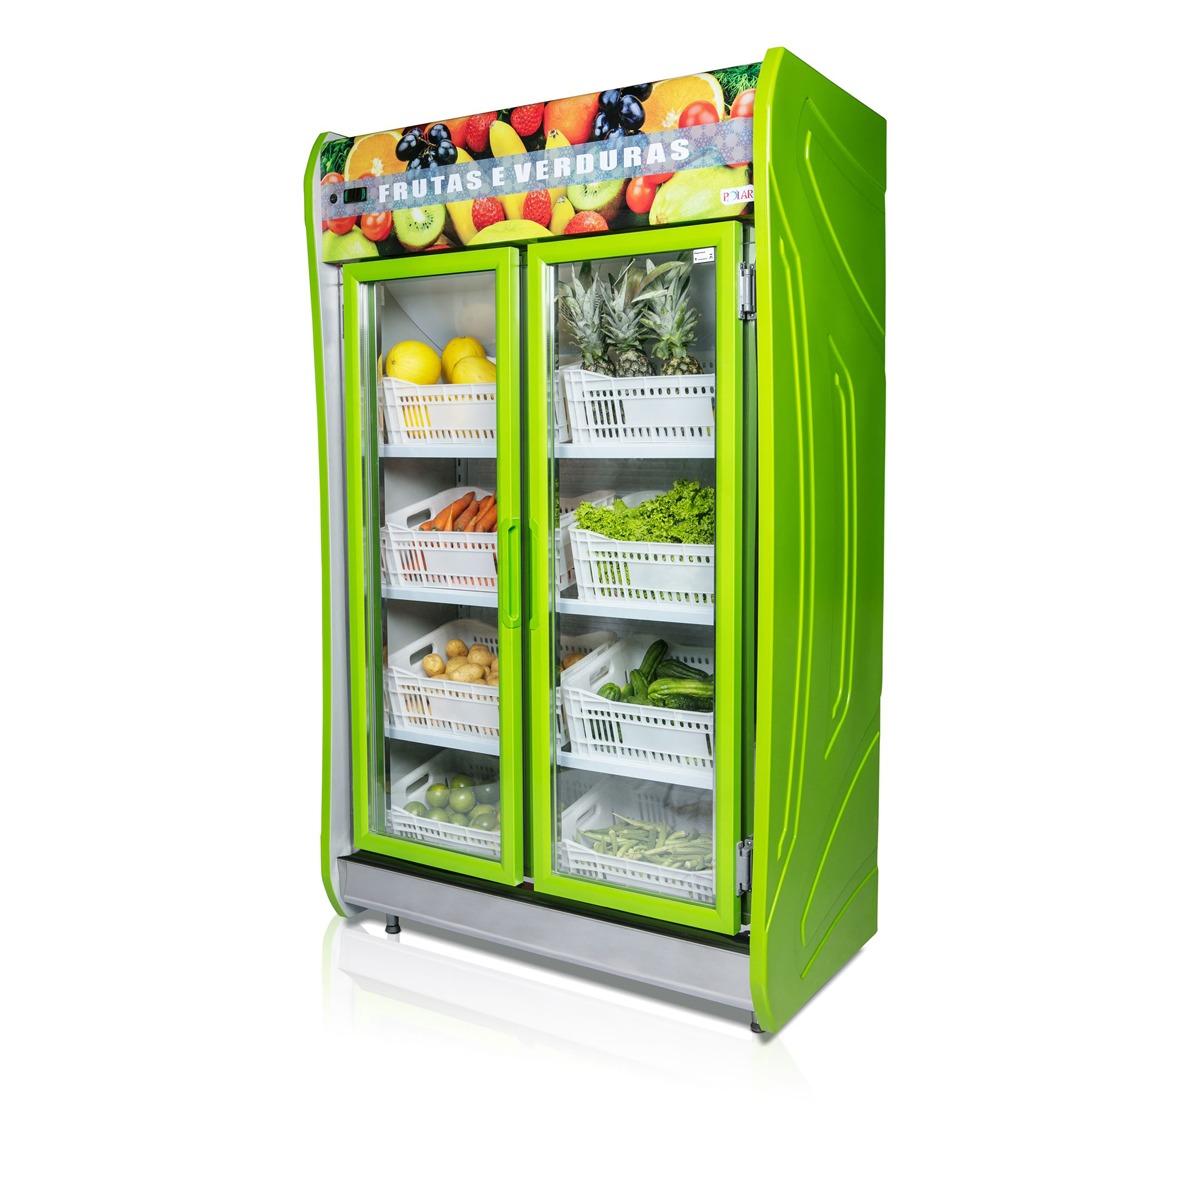 Auto Serviço 2 Portas Para Frutas e Verduras - Polar